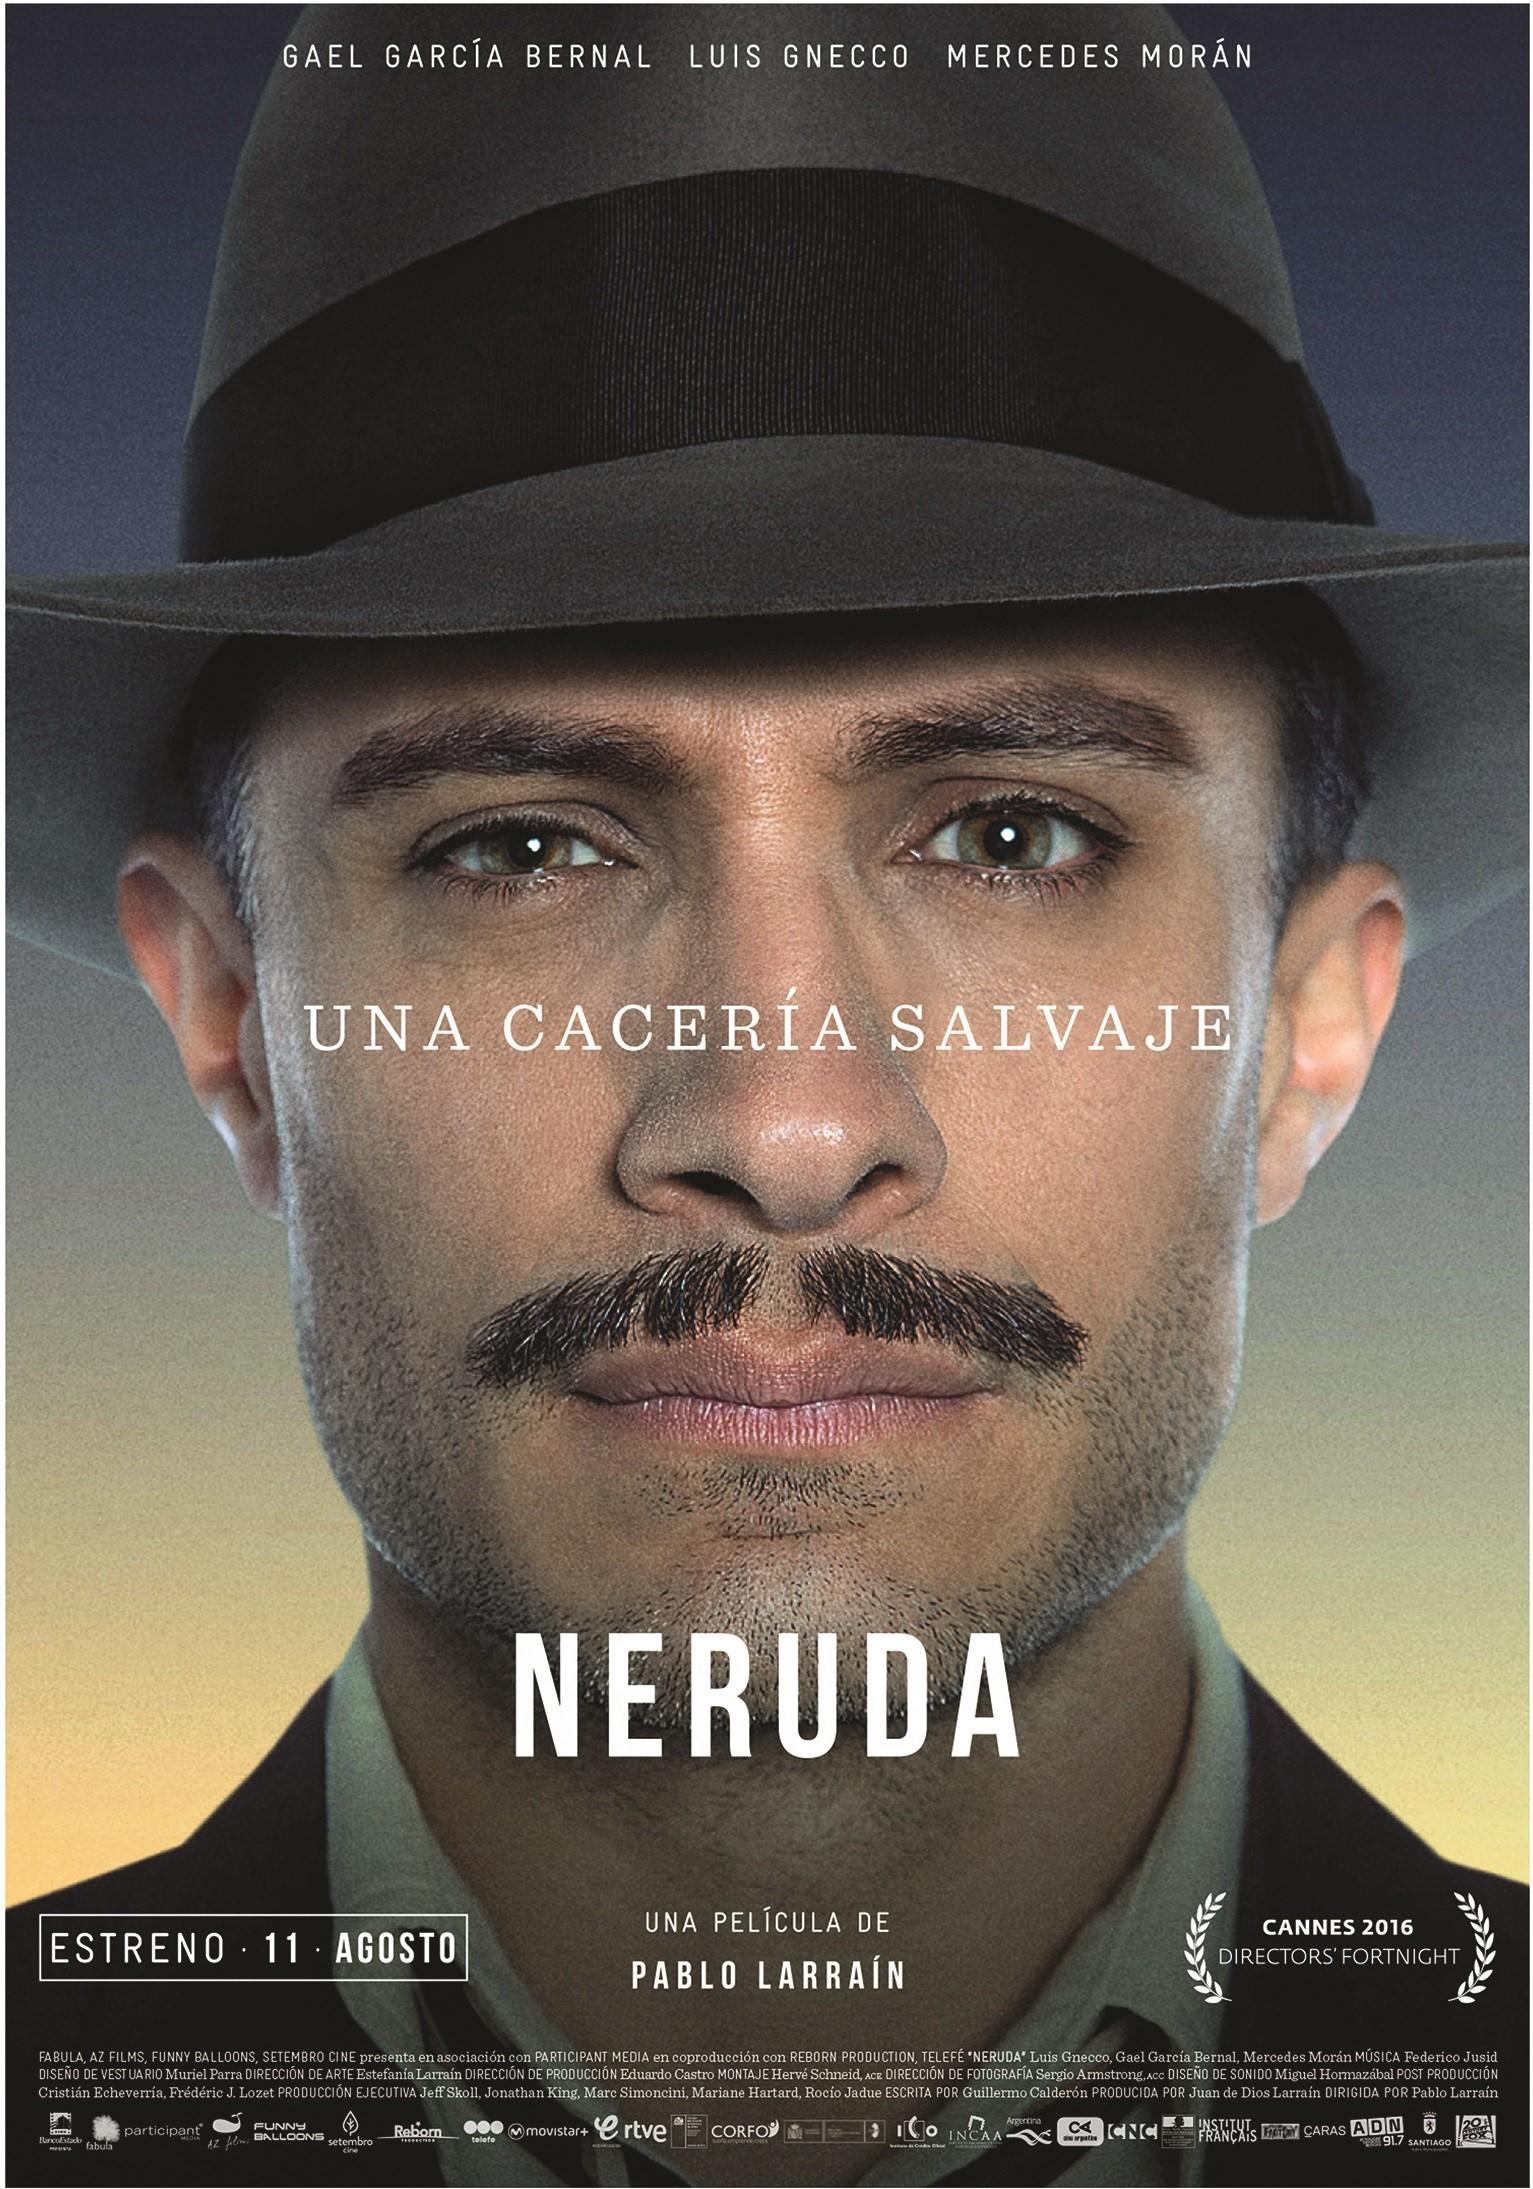 Primer cartel de la película Neruda de Pablo Larraín, 2016.